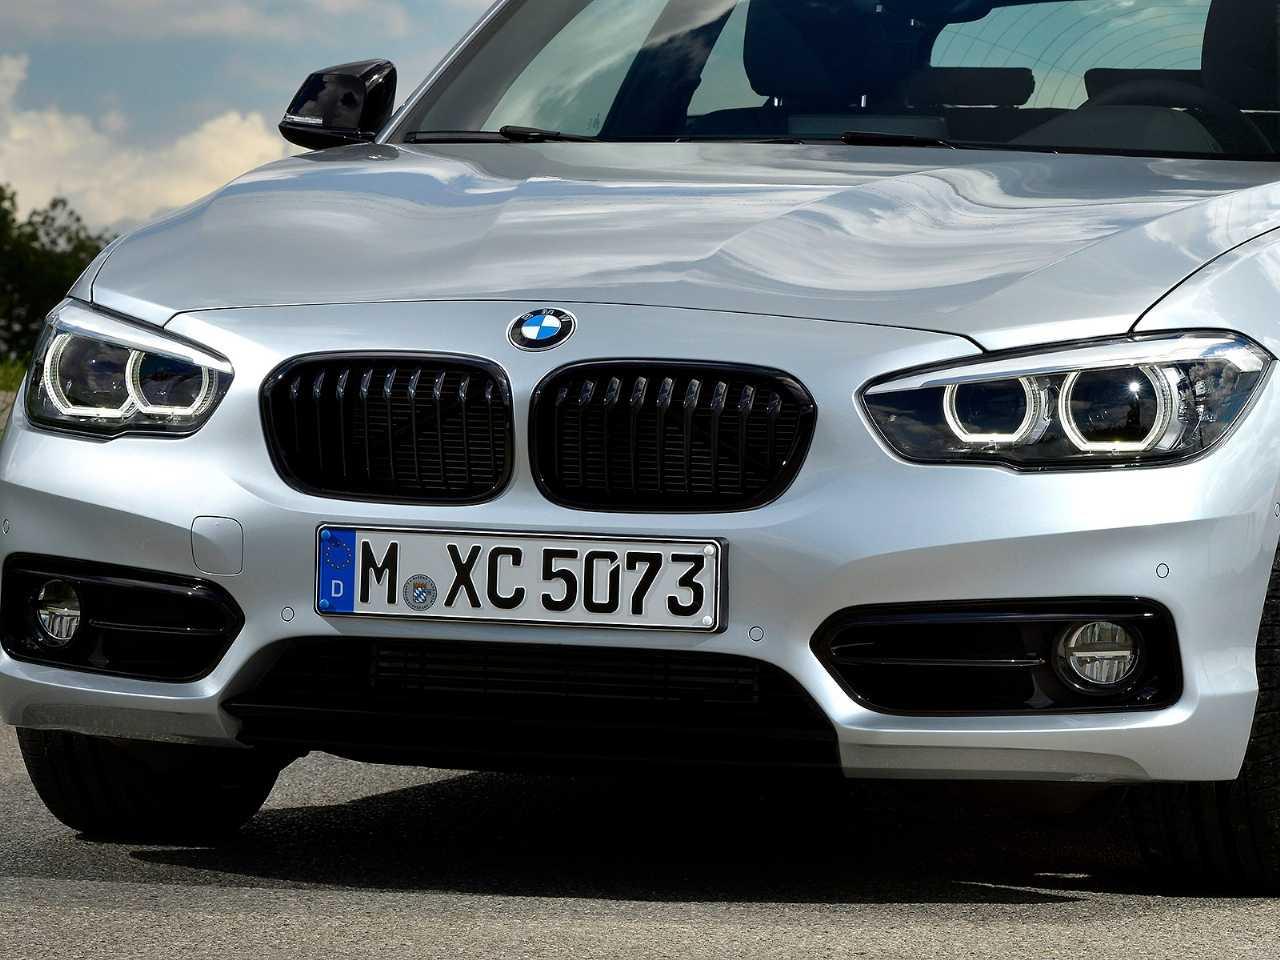 Futuro SUV compacto da BMW deverá utilizar a plataforma UKL2, hoje presente na Série 1